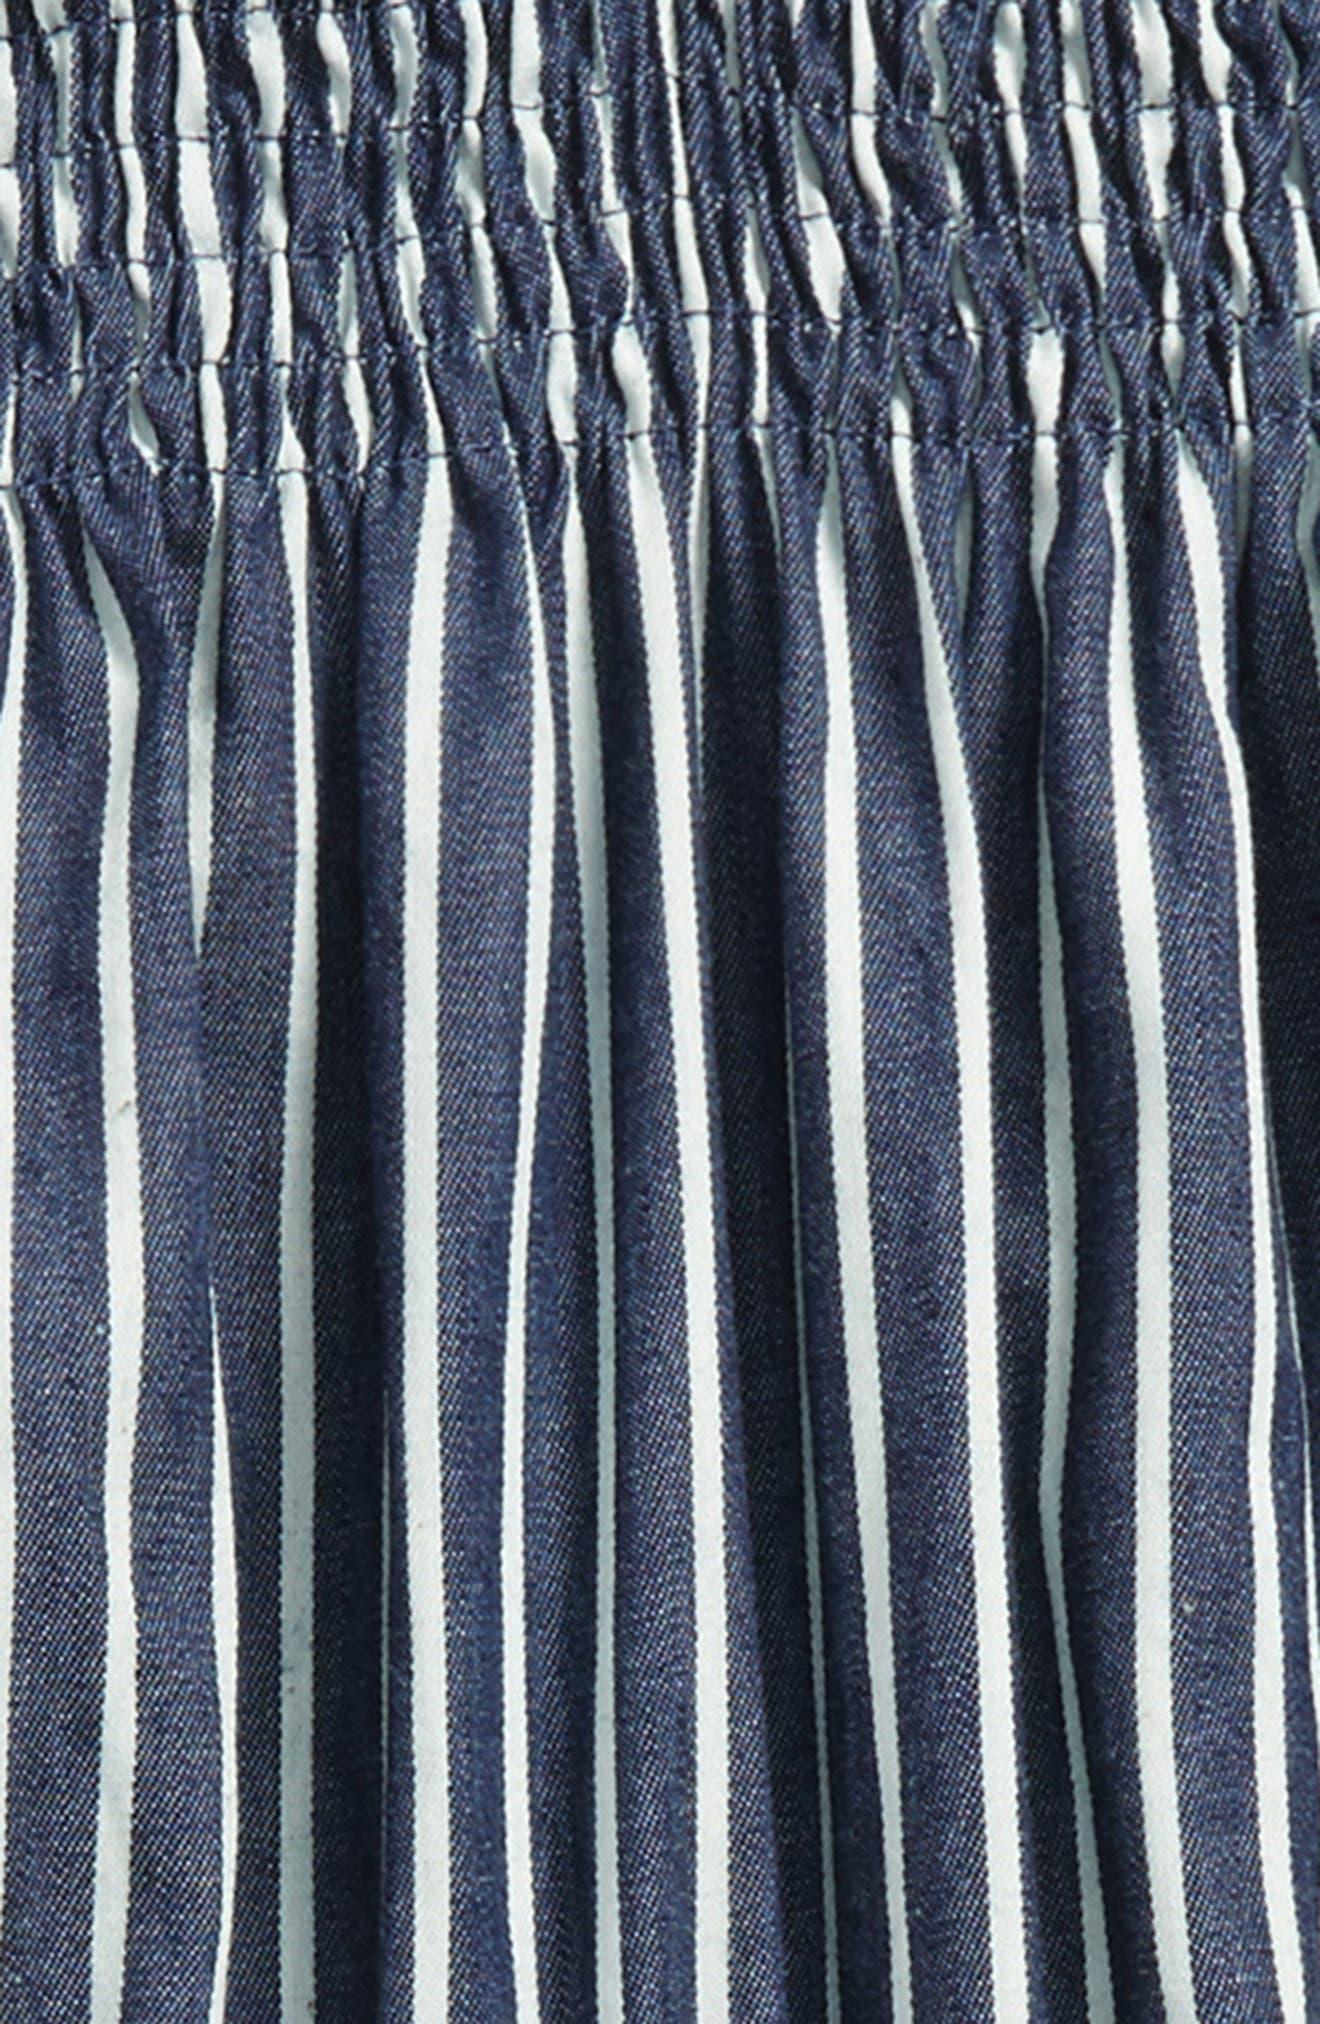 Alternate Image 2  - Miss Behave Stripe Off the Shoulder Romper (Big Girls)